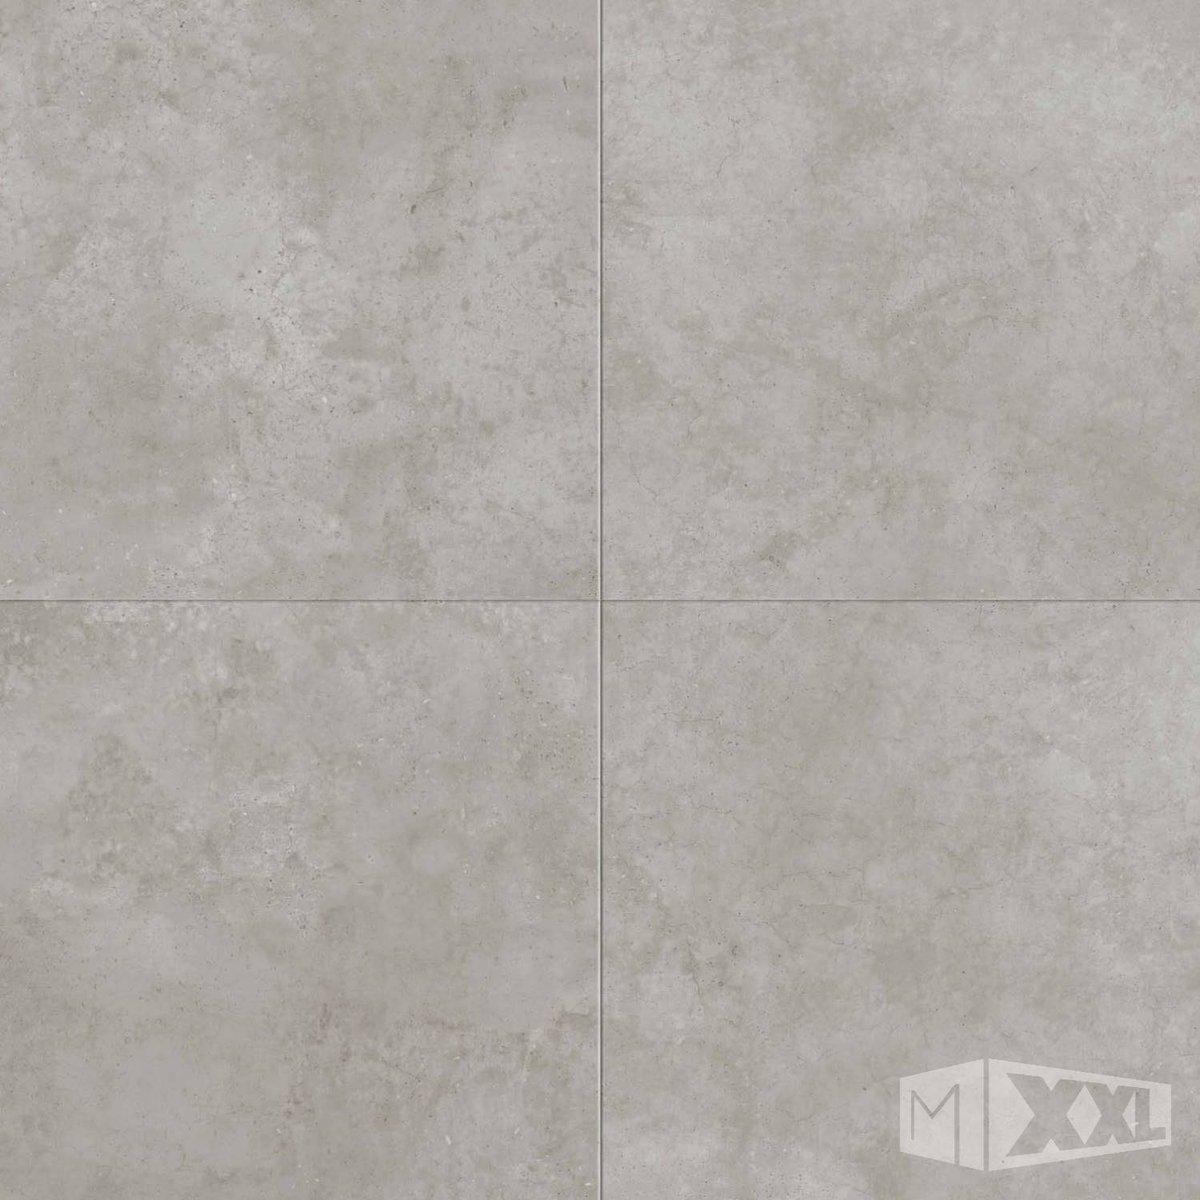 test Twitter Media - De Flaviker Hyper Silver is een stoere betonlooktegel die door zijn grijze kleur een robuuste look geeft aan uw interieur. Wij hebben deze tegel ook in XXL formaat!  Wilt u deze tegel bij u thuis? Bekijk hem dan nu op onze website https://t.co/Mgw7qwd9Xg  #middag #leerdam https://t.co/UaJ3zHhHp2